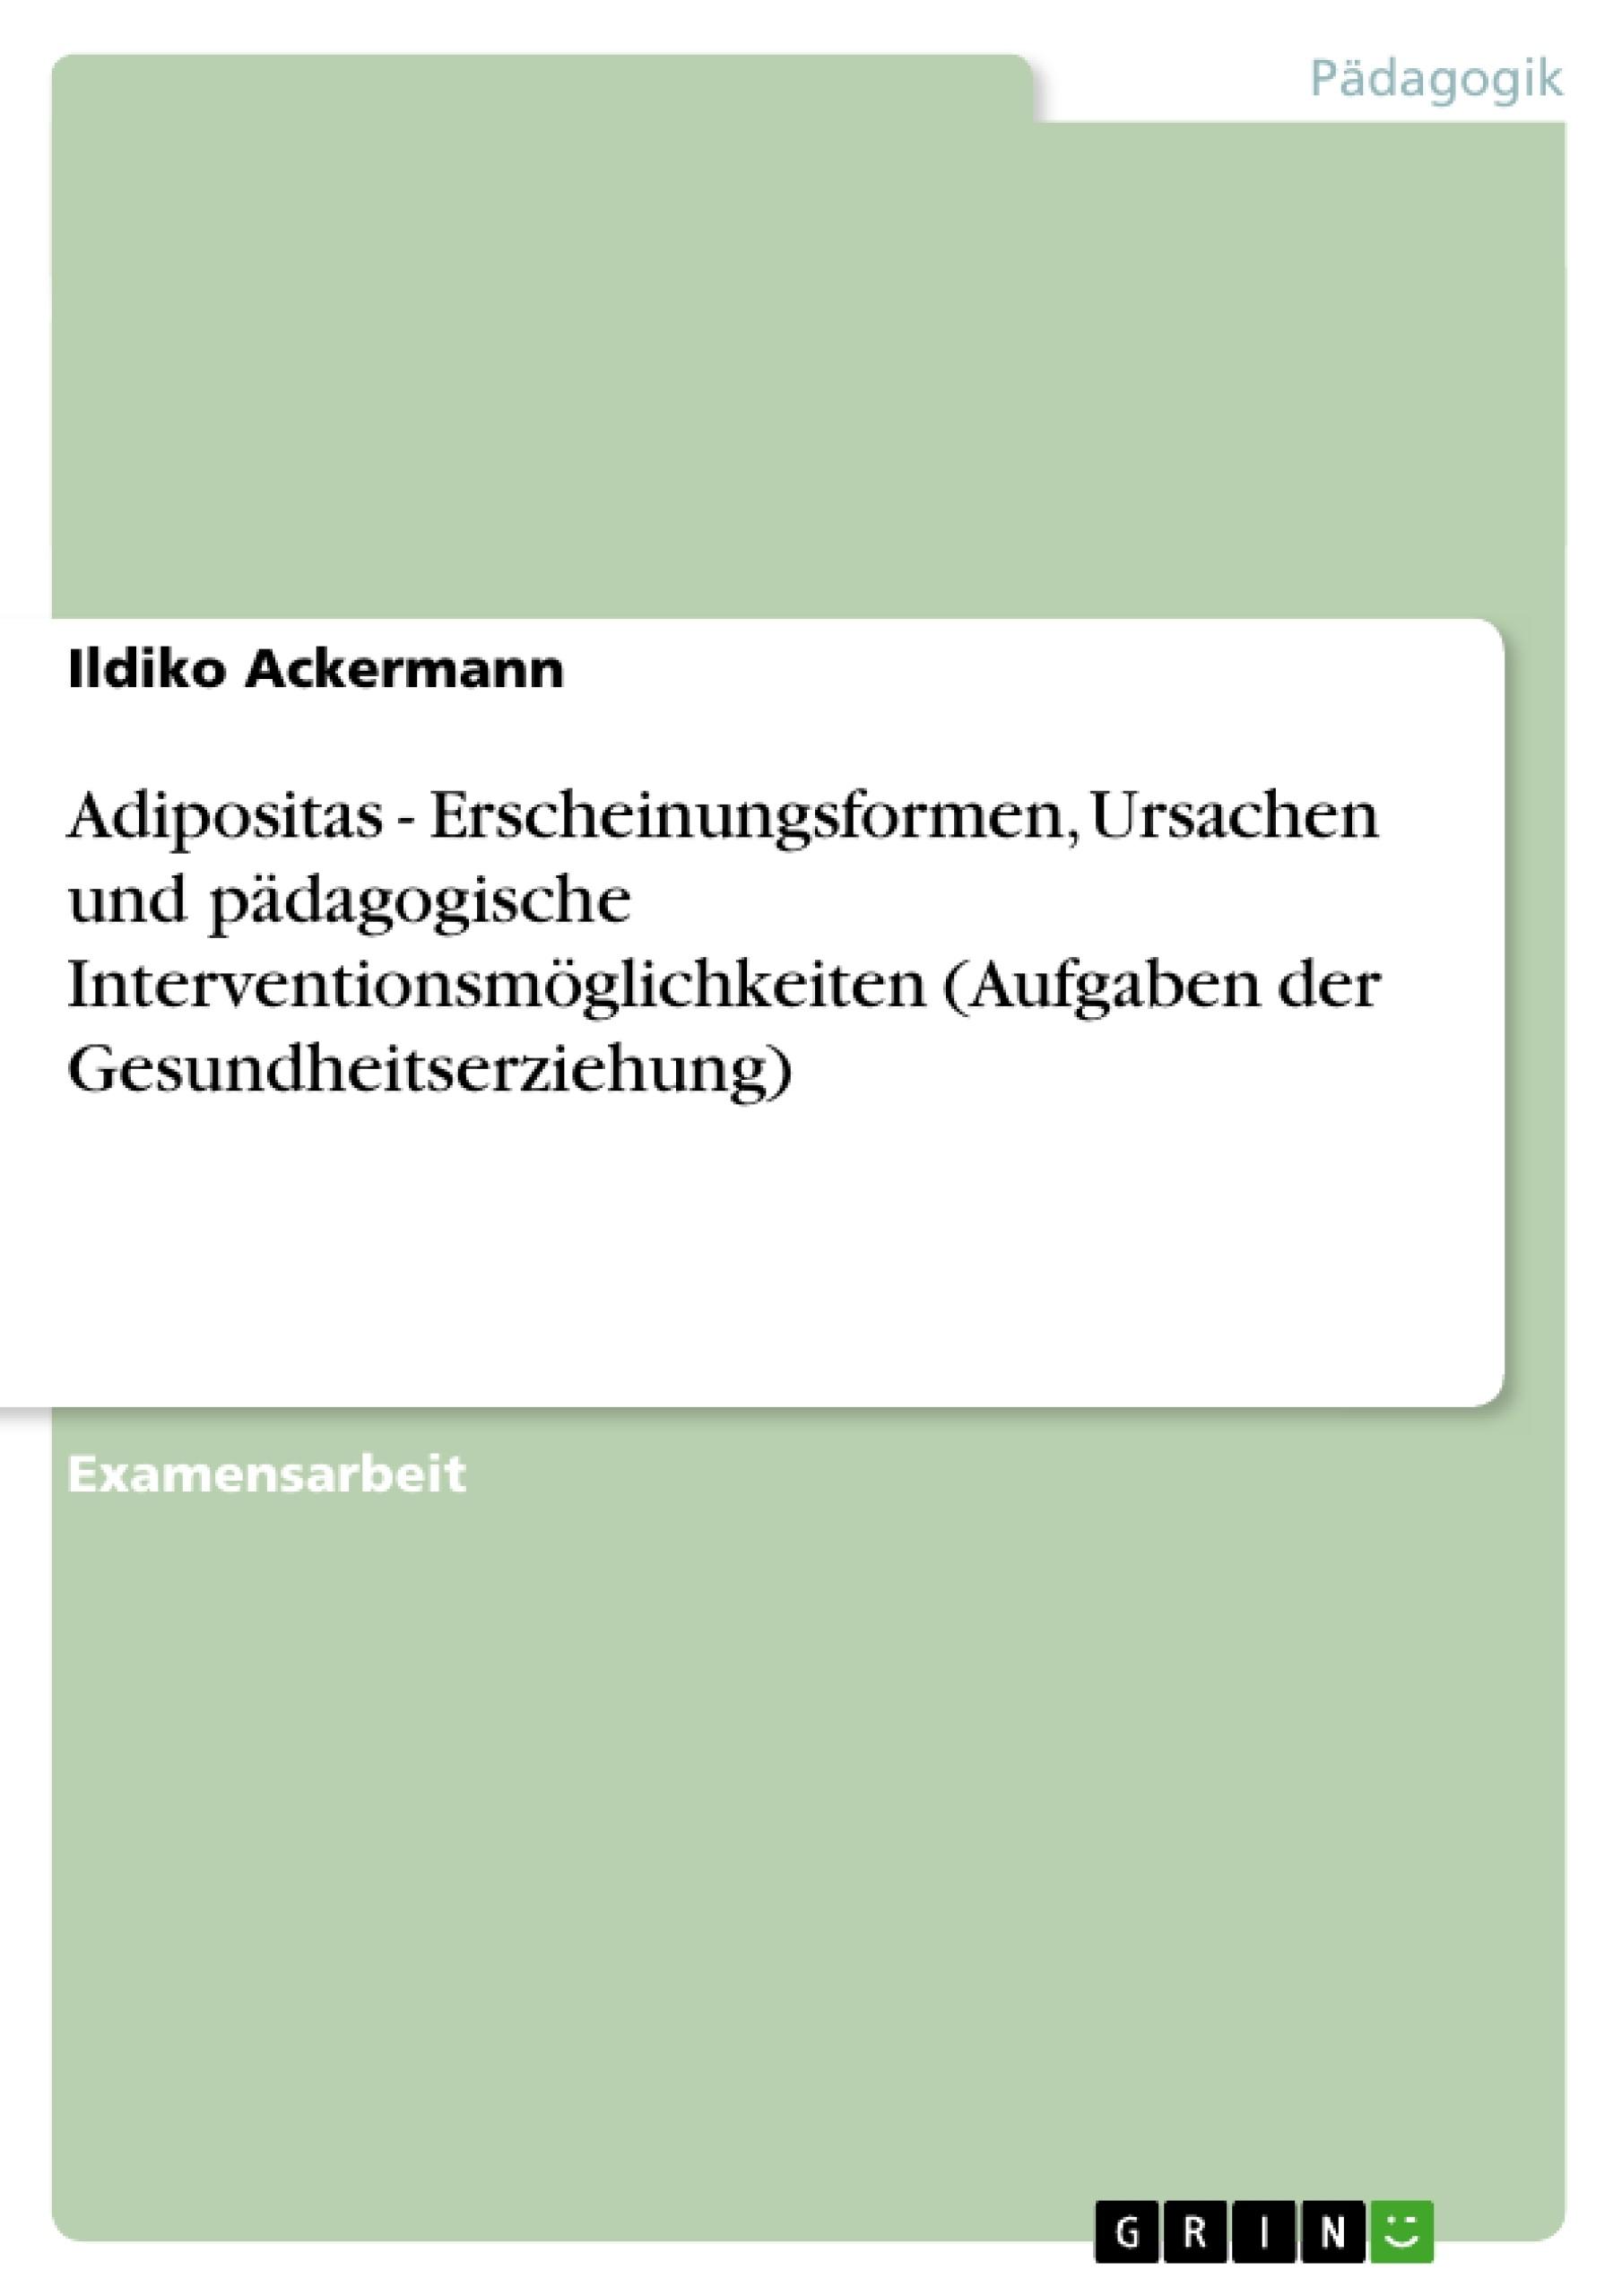 Titel: Adipositas - Erscheinungsformen, Ursachen und pädagogische Interventionsmöglichkeiten (Aufgaben der Gesundheitserziehung)